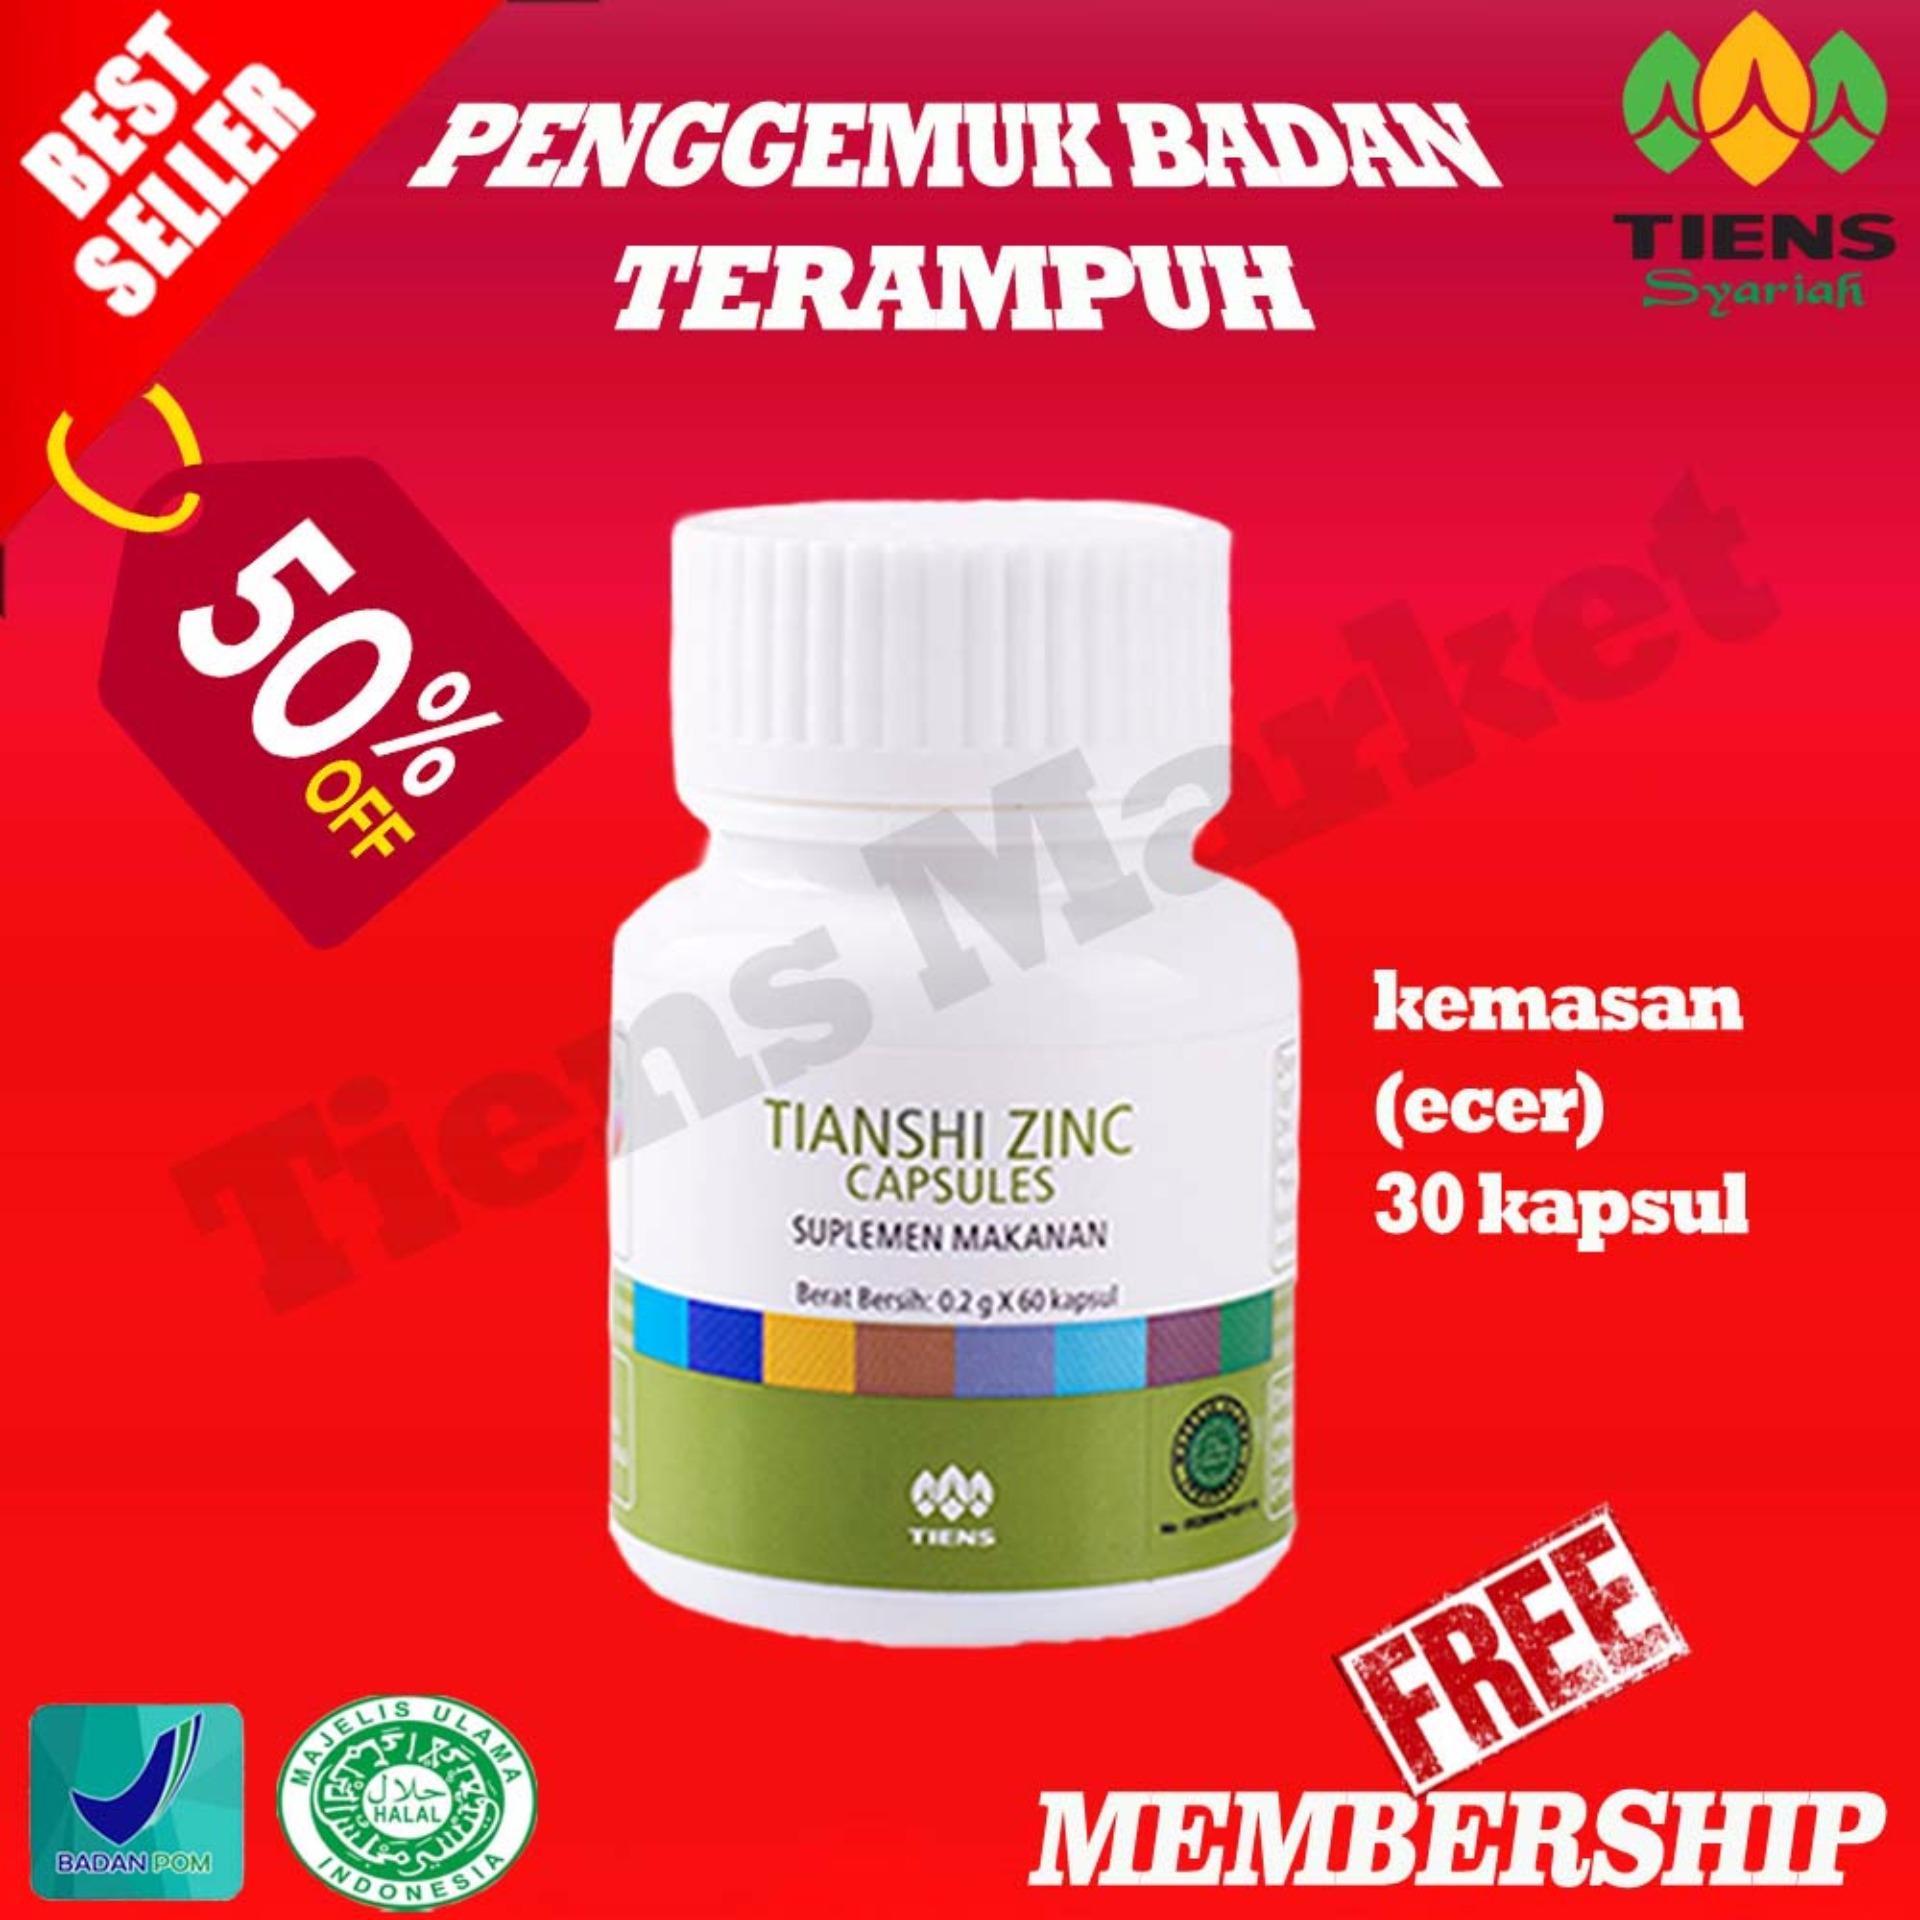 Harga Jual Vitamin Penambah Berat Badan Obat Penggemuk Makanan Samyunwan Wisdom Asli Herbal Idr79000 Rp 84555